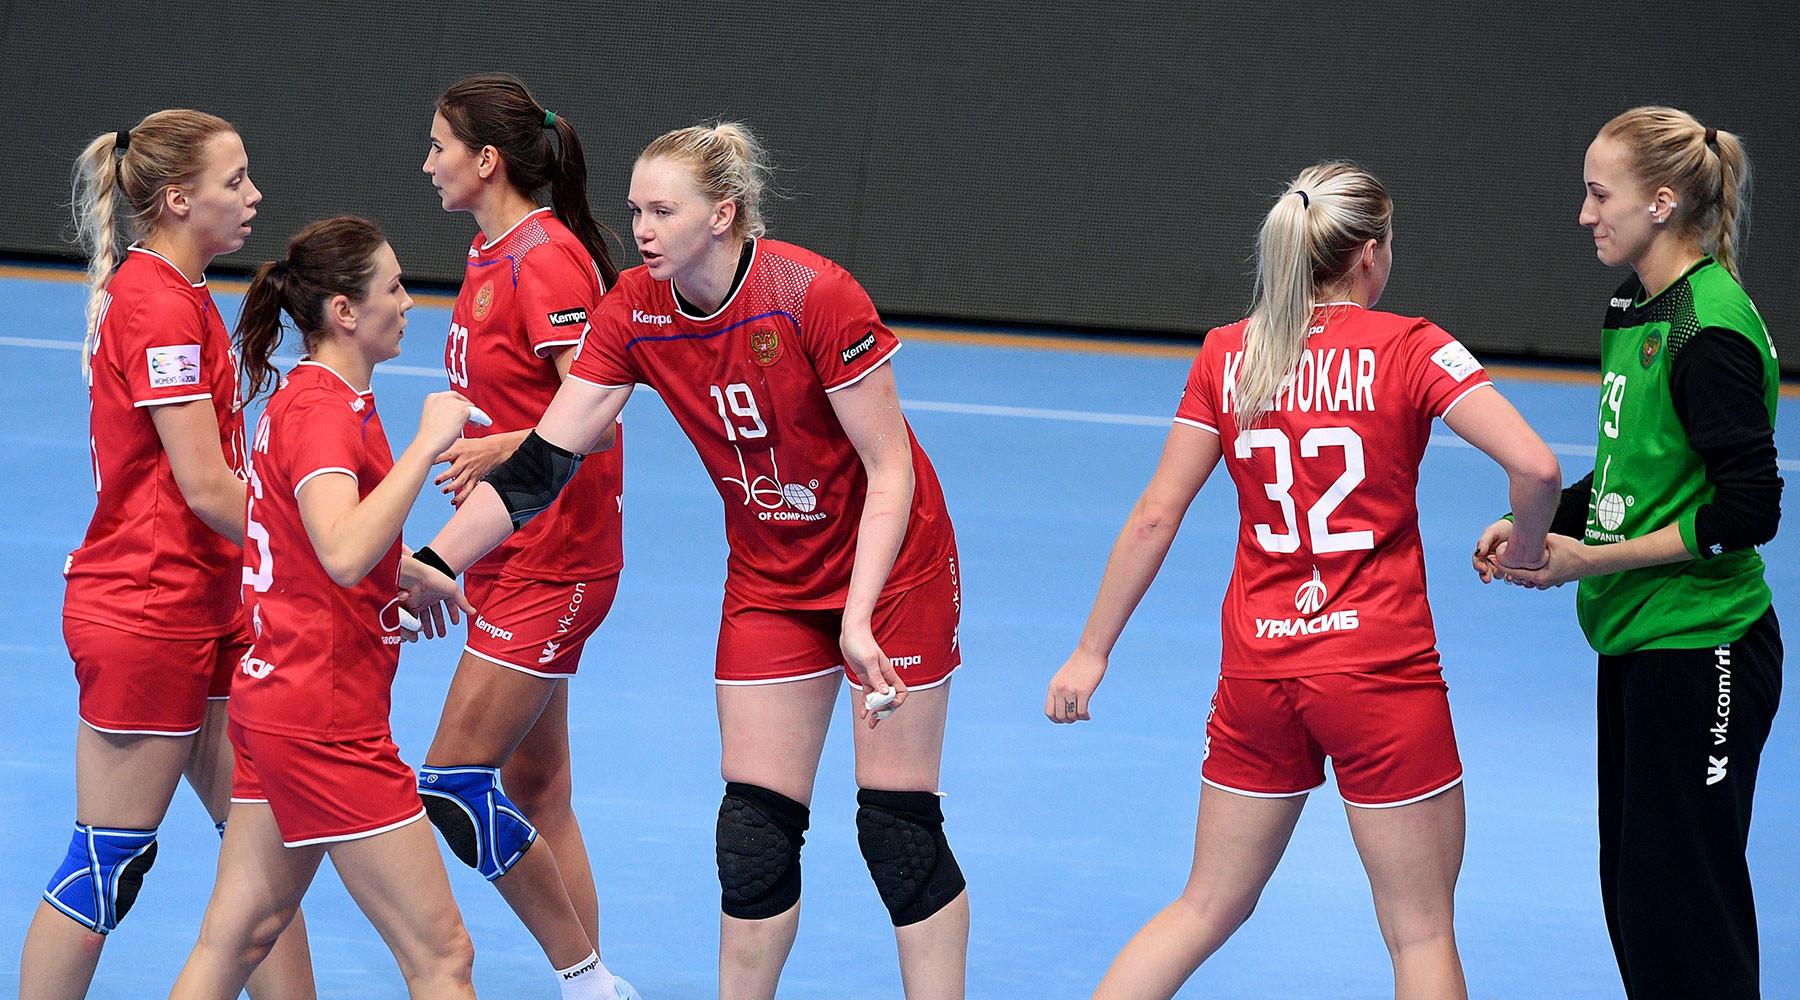 Норвегия обыграла Российскую Федерацию вчетвертьфиналеЧМ погандболу